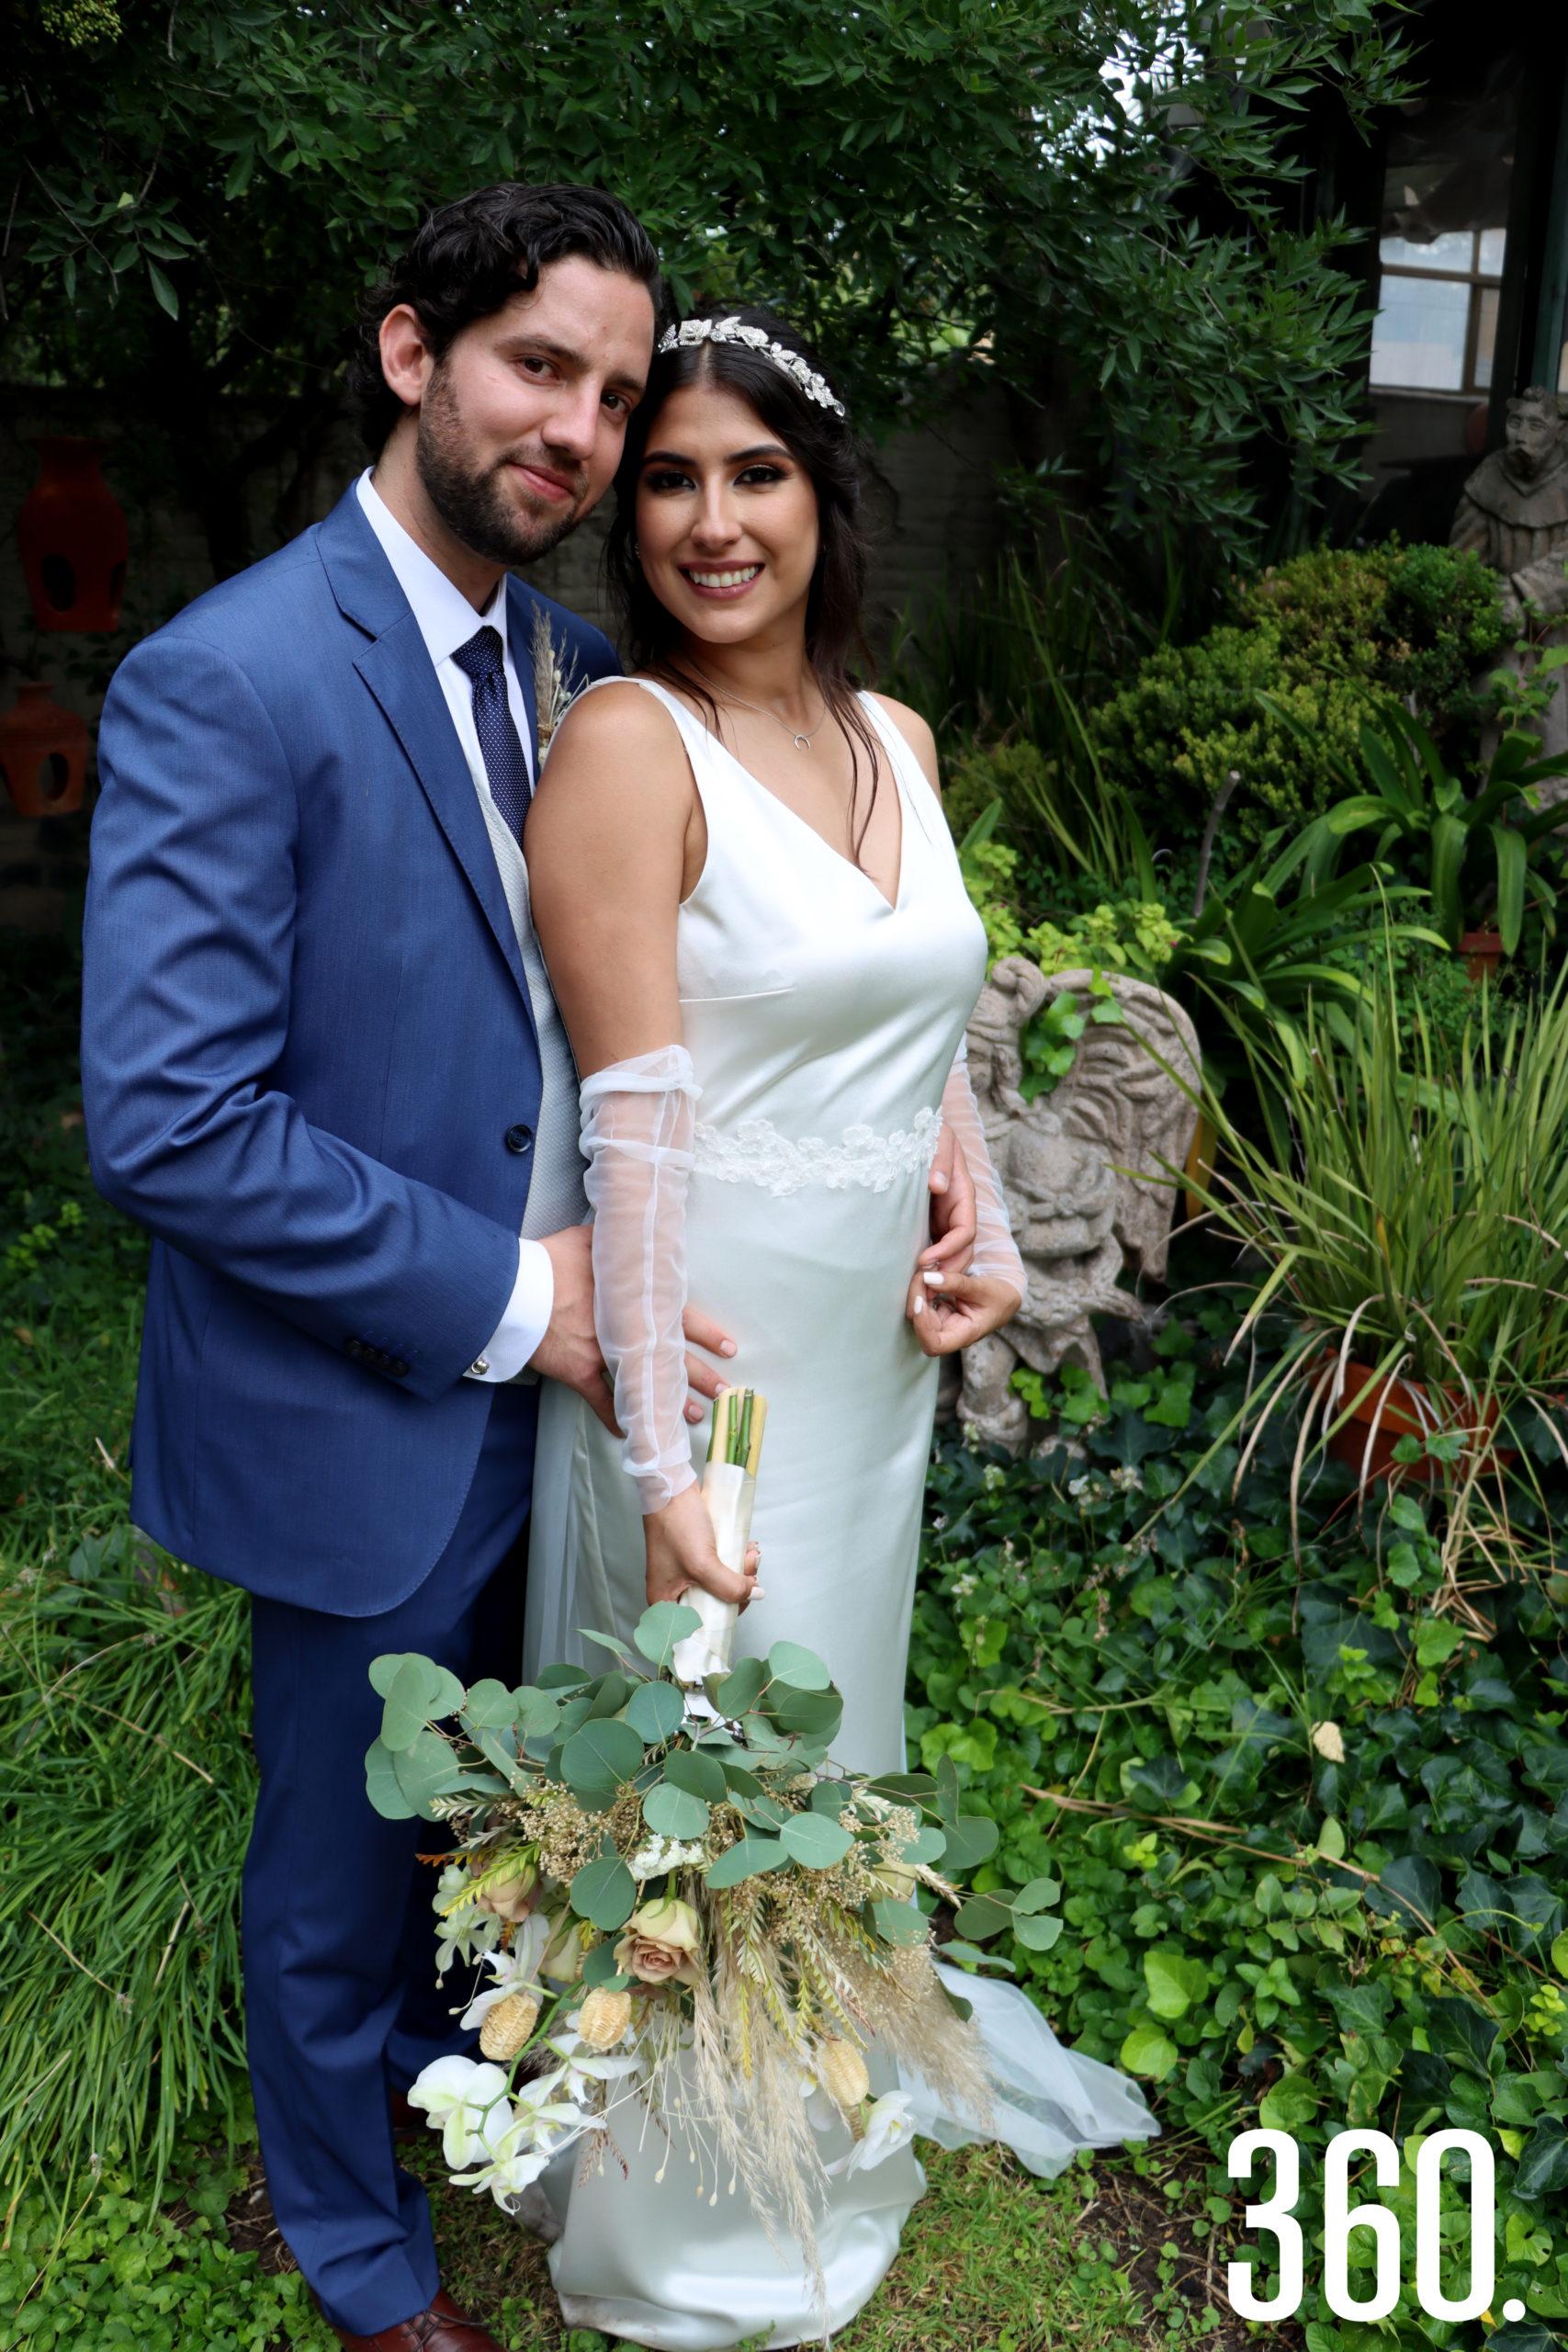 Ricardo Aguirre González y Karen Mijares Berumen recibieron el sacramento matrimonial en la iglesia de San Isidro Labrador en Arteaga, Coahuila.